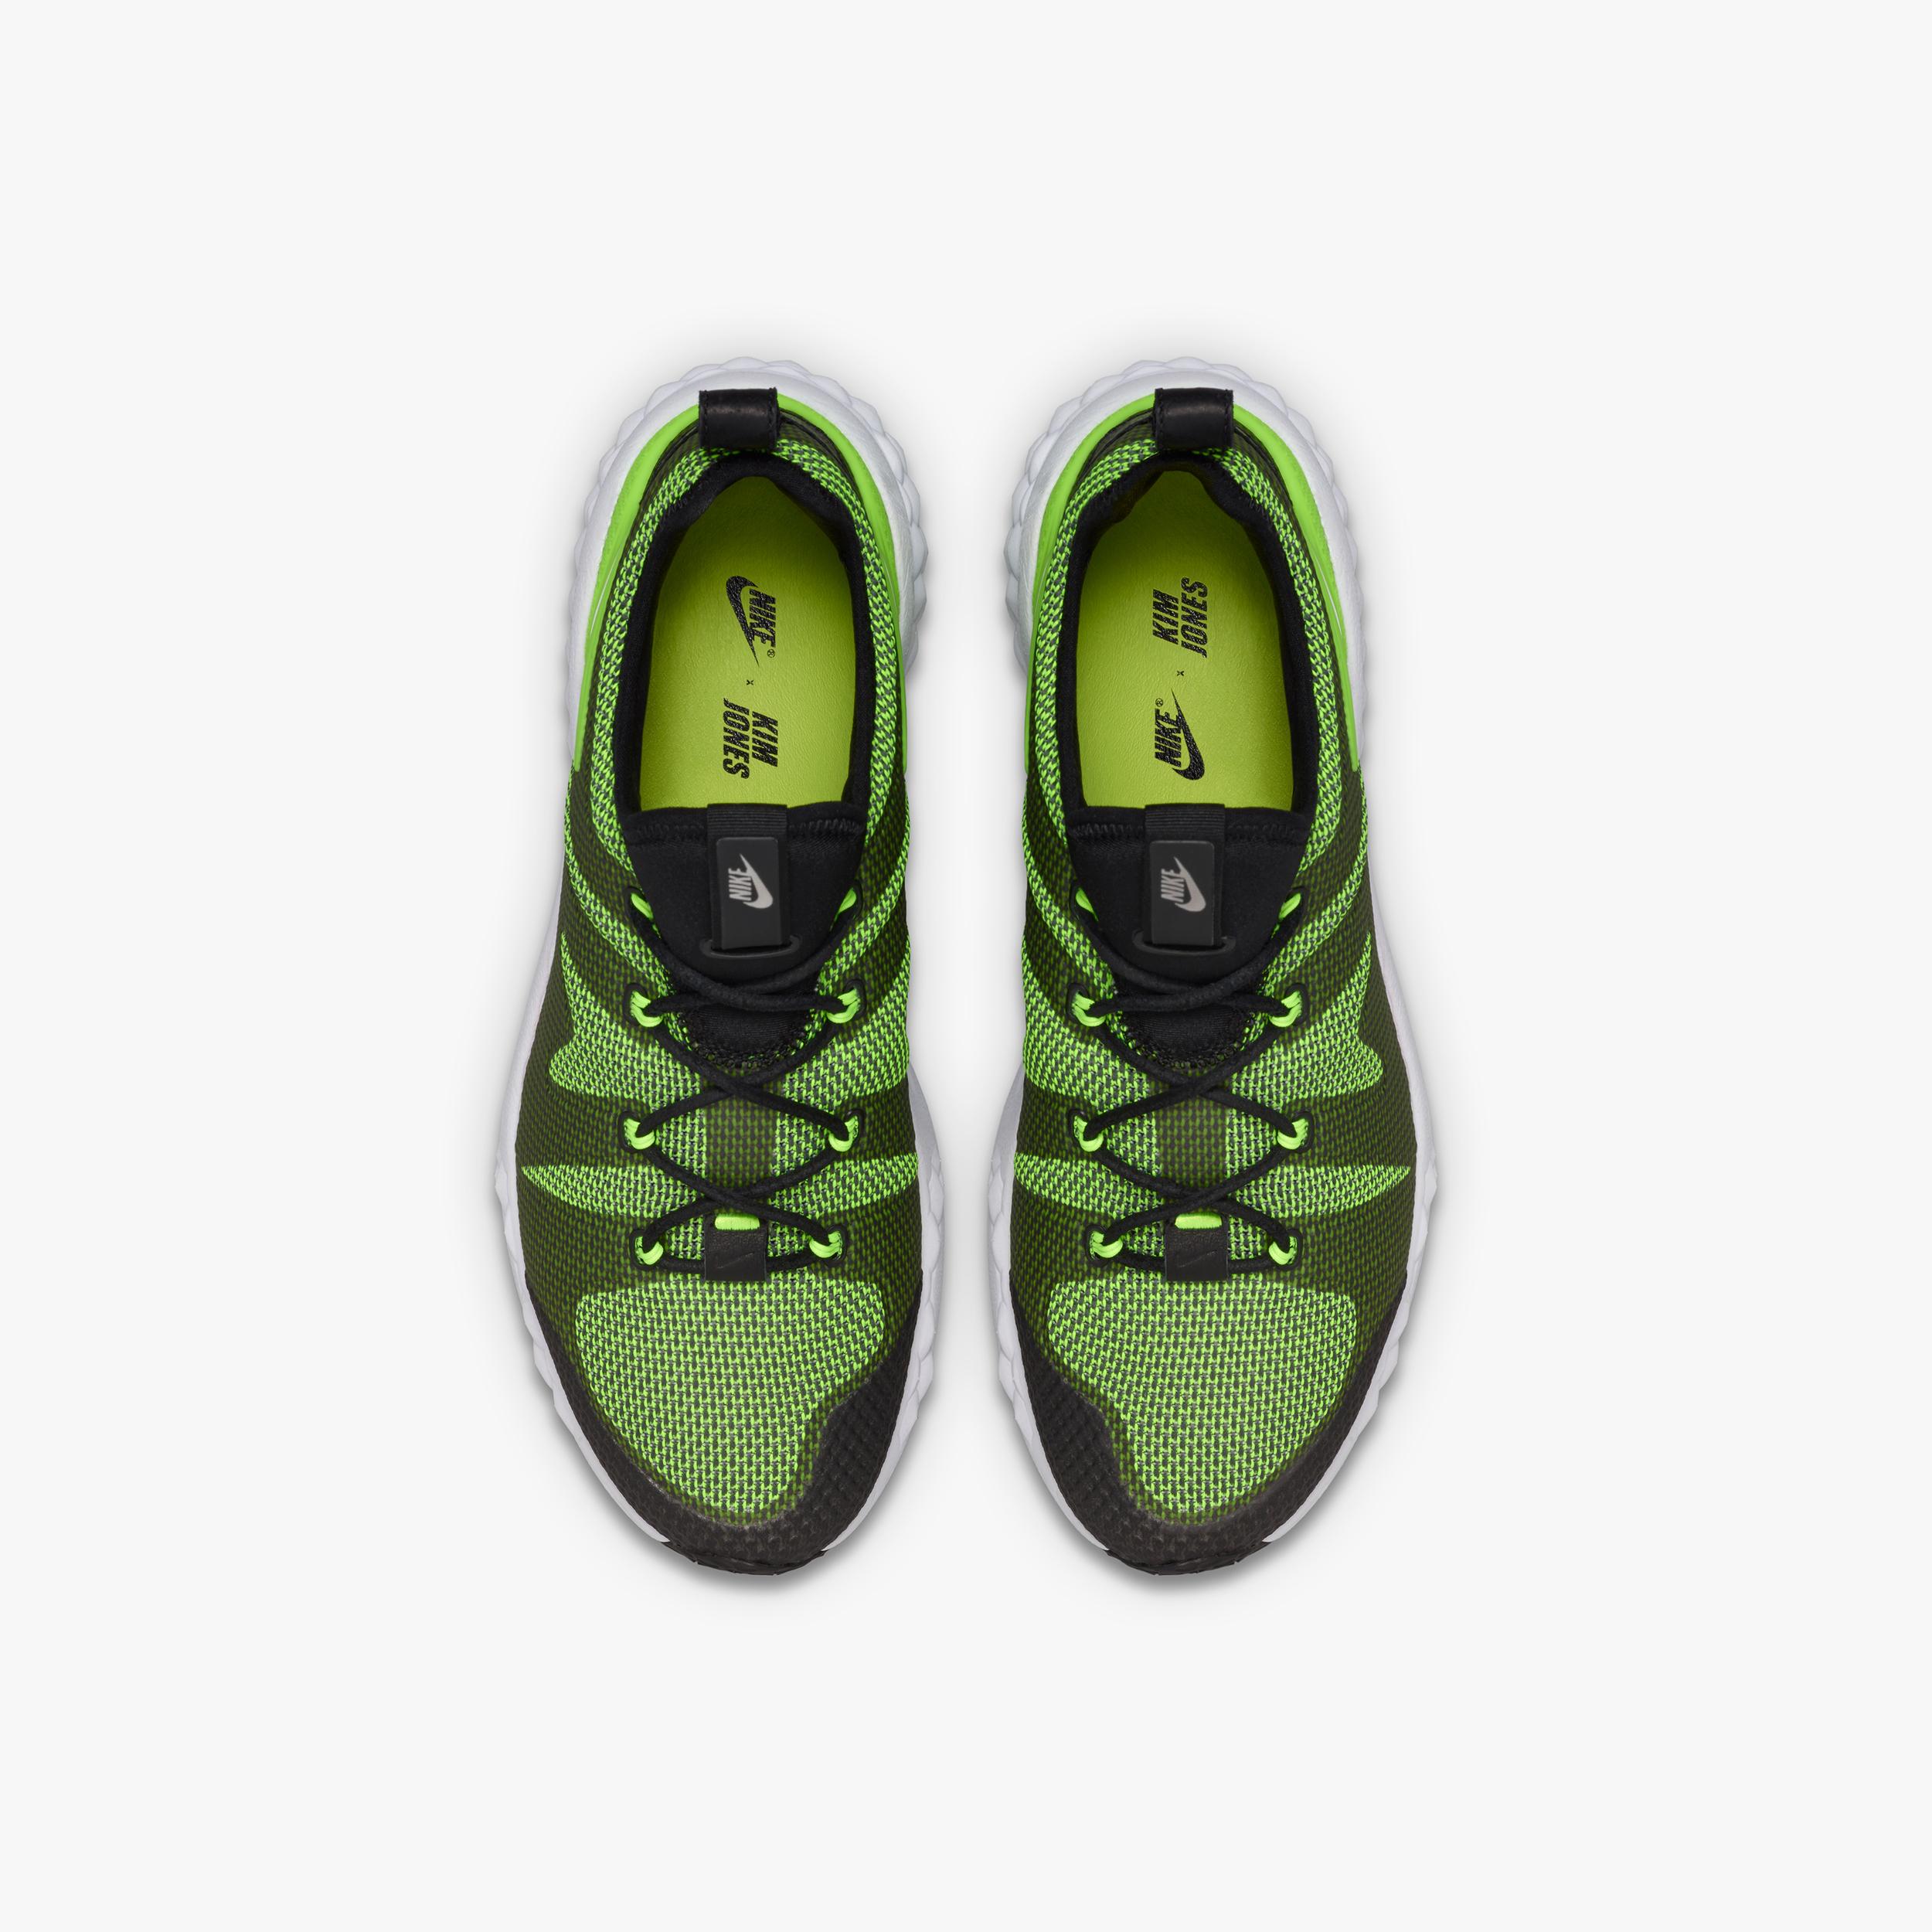 NikeLab_Air_Zoom_LWP_x_KJ_11_60325.jpg